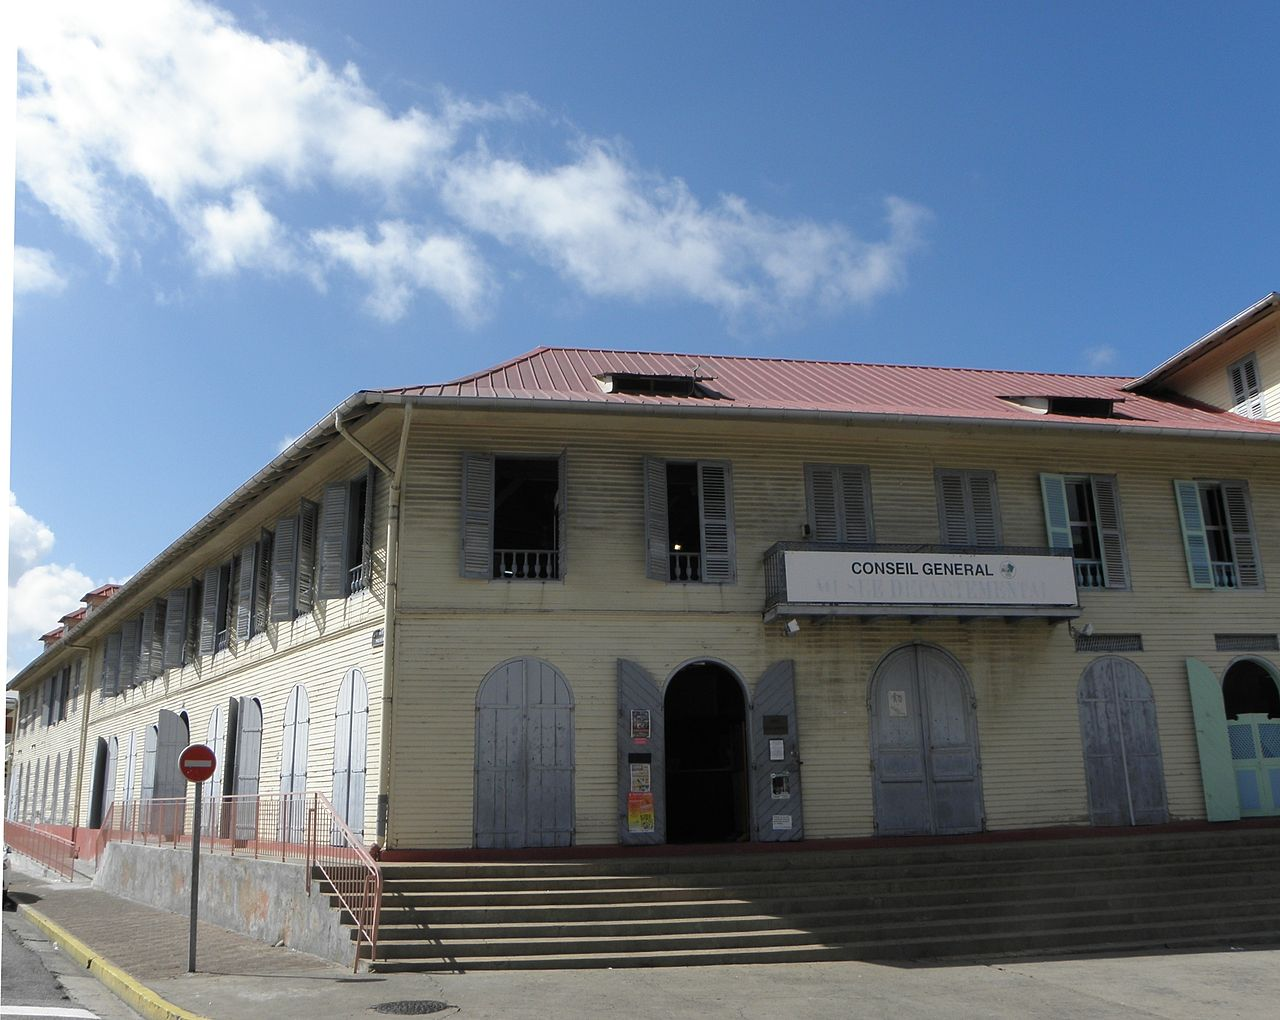 quel musée visiter lors d'un séjour en Guyane